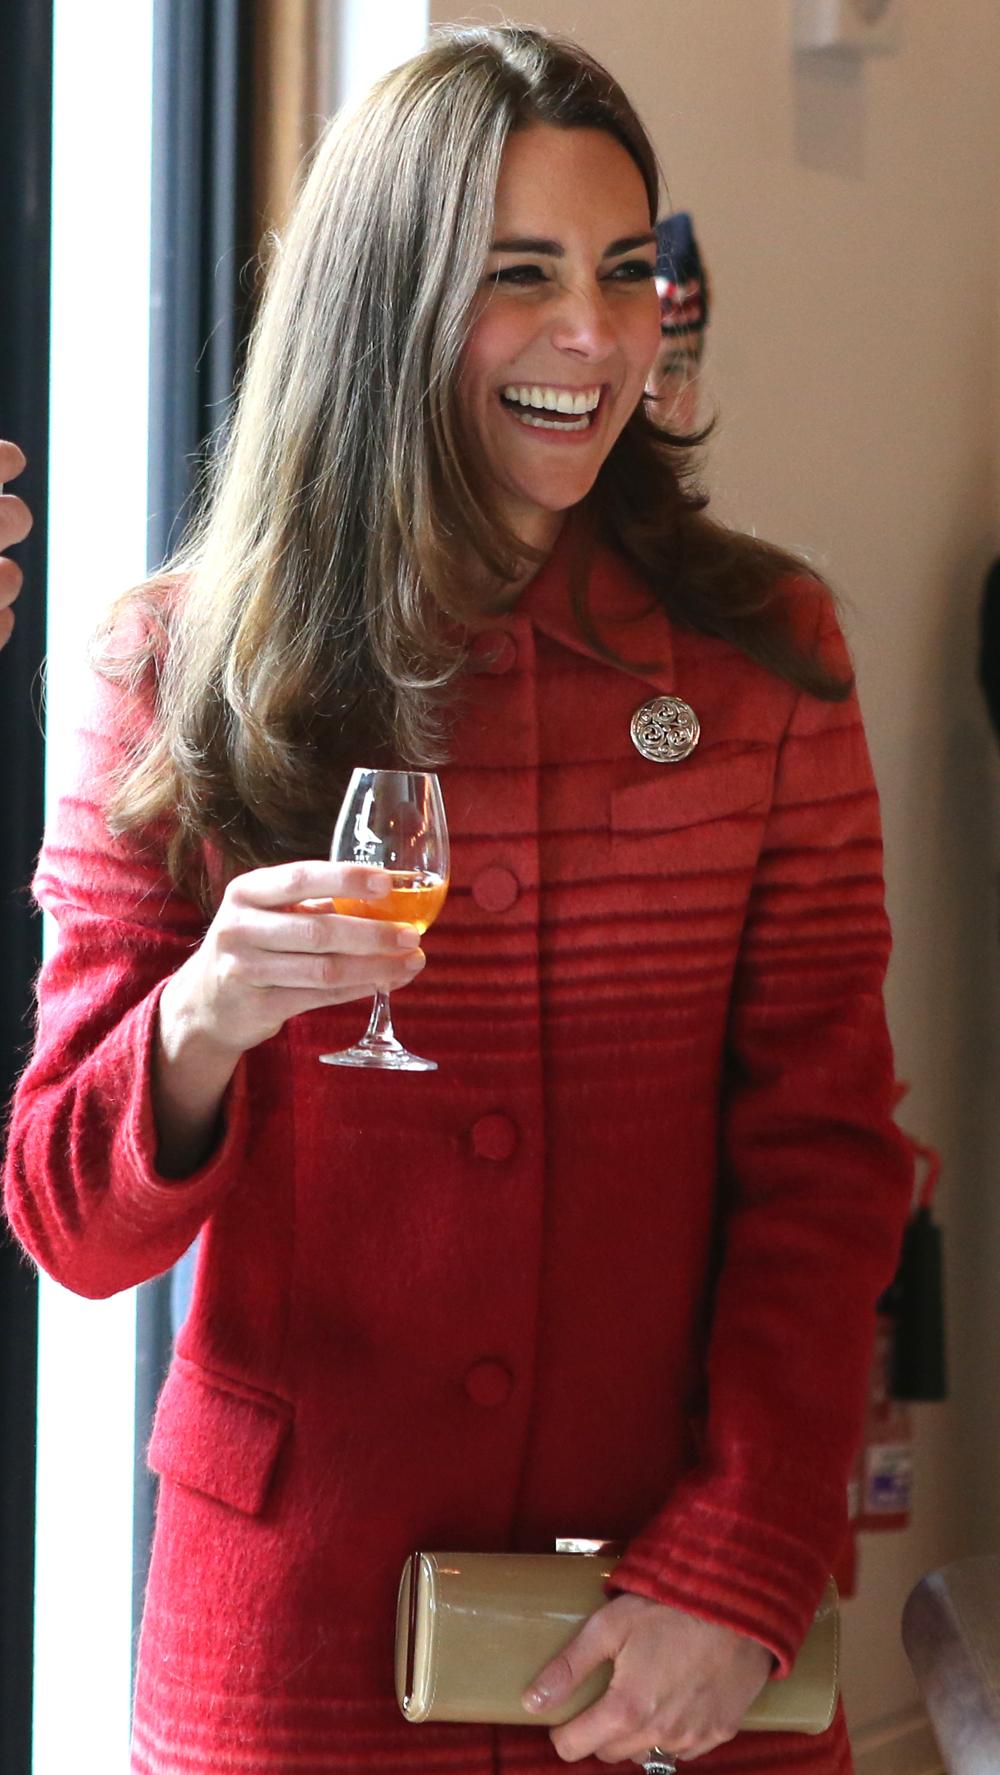 Η Κέιτ Μίντλετον με κόκκινο παλτό πίνει ένα ποτήρι κρασί